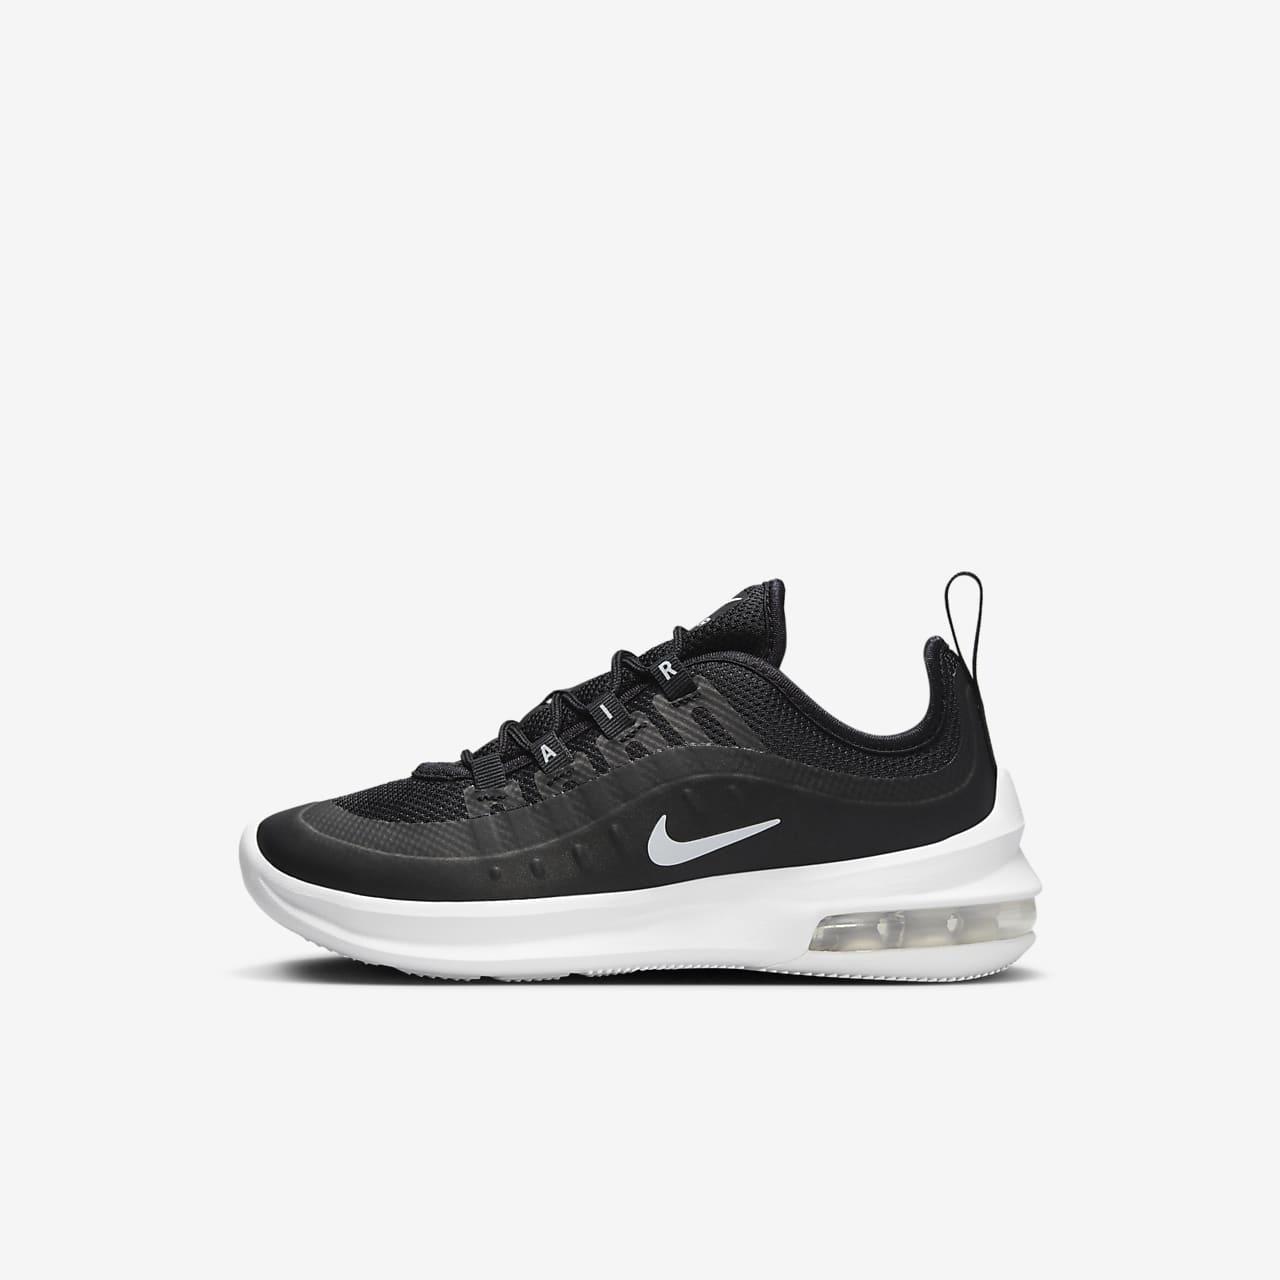 Nike Air Max Axis Schuh für jüngere Kinder